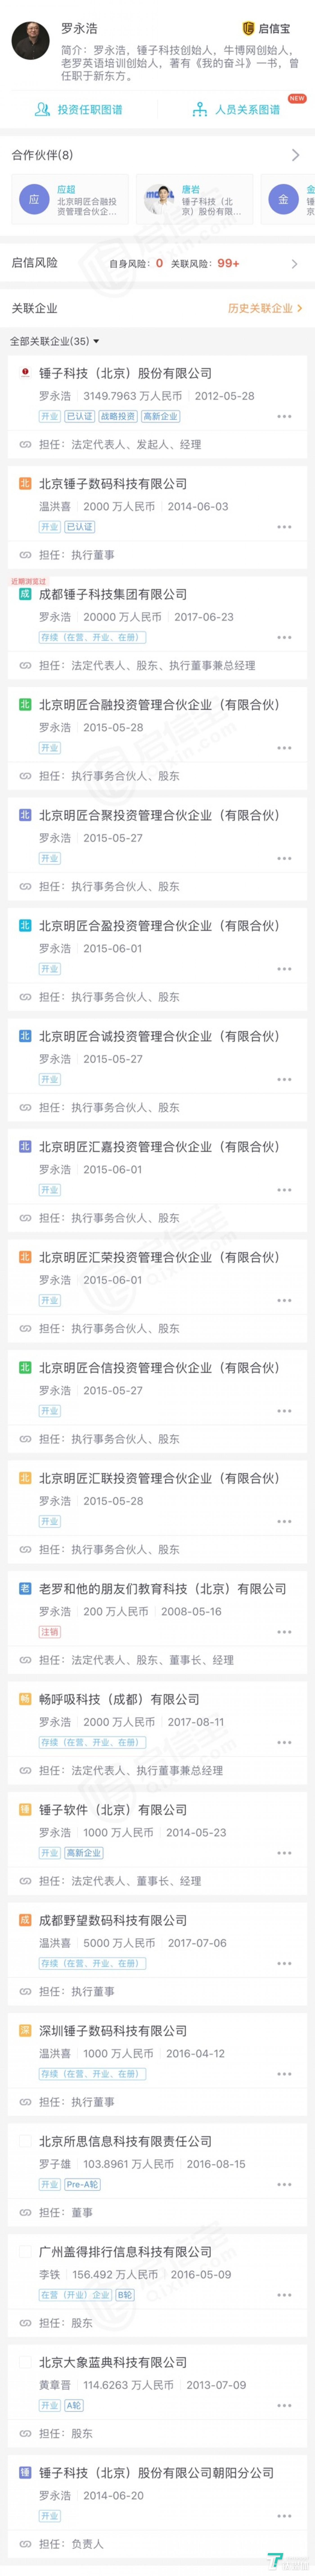 罗永浩关联公司统计 来源:启信宝